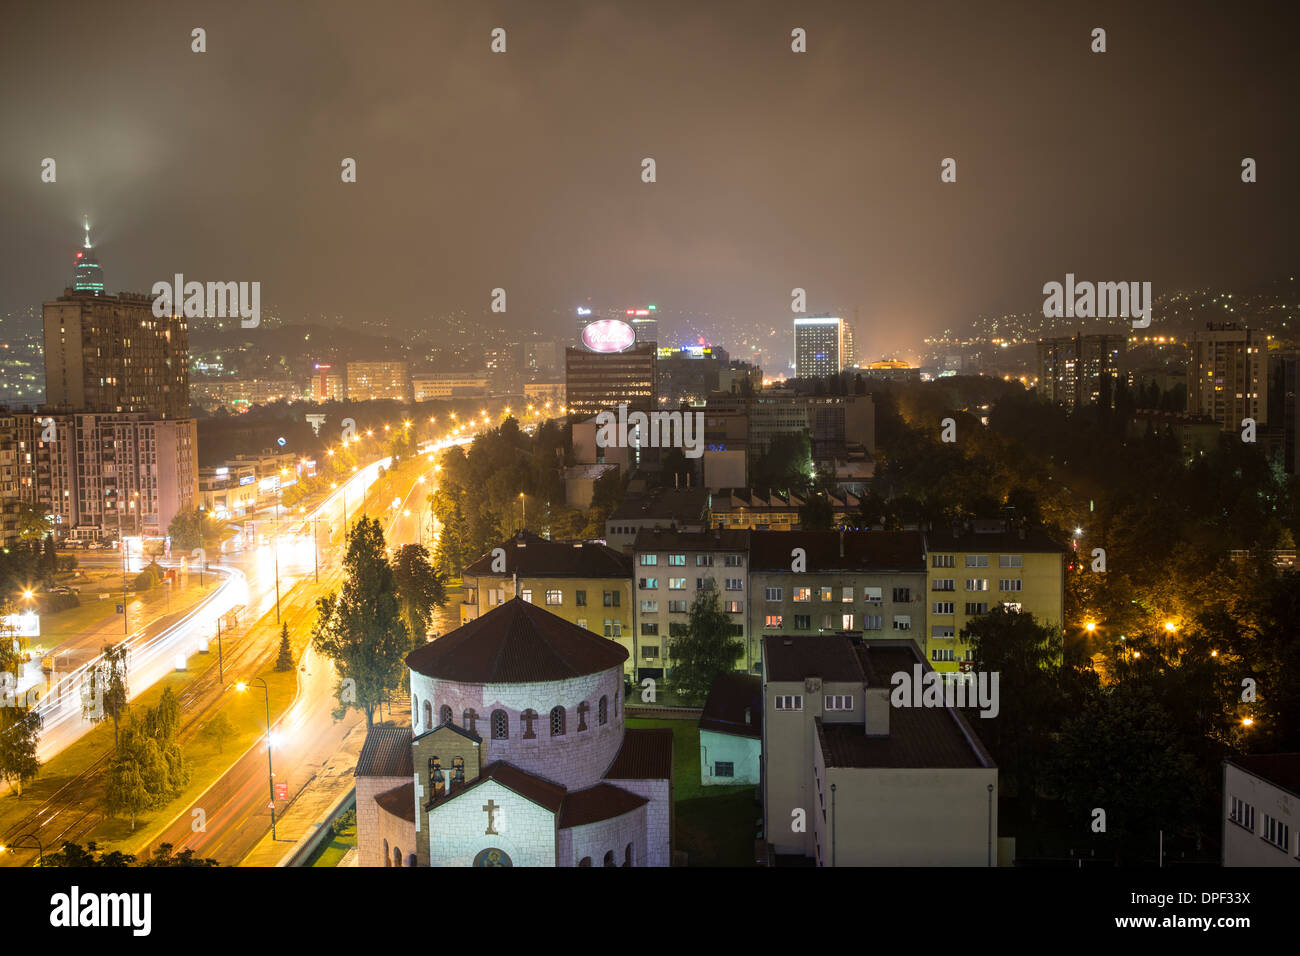 City skyline at night, Sarajevo, Bosnia and Herzegovina - Stock Image